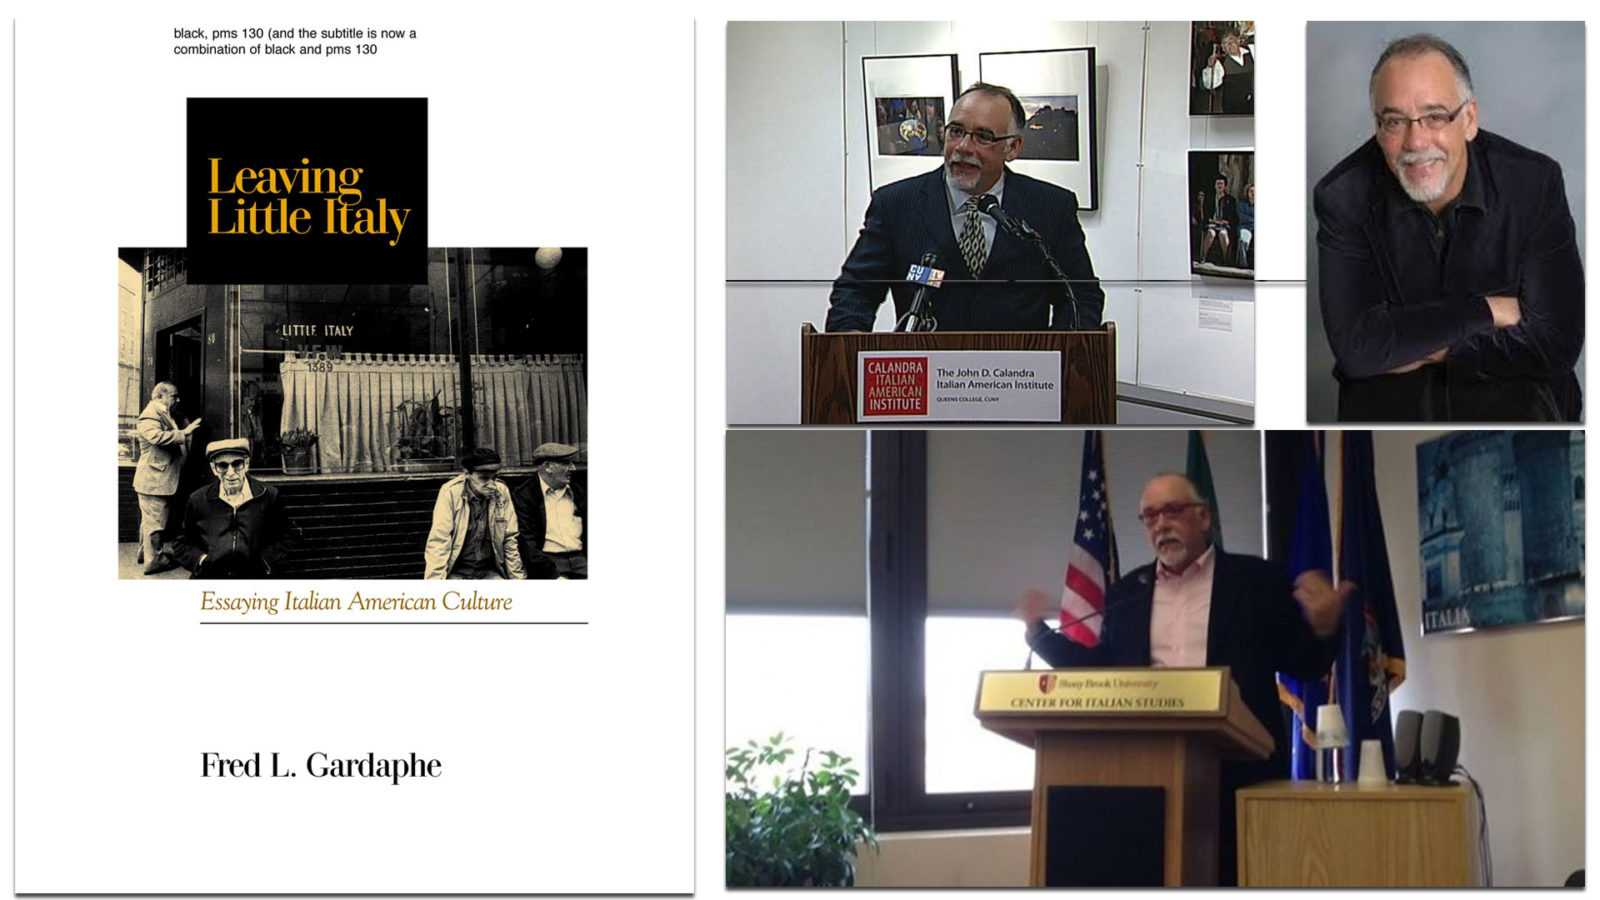 Fred Gardaphe-Little Italy e l'identità italiana americana